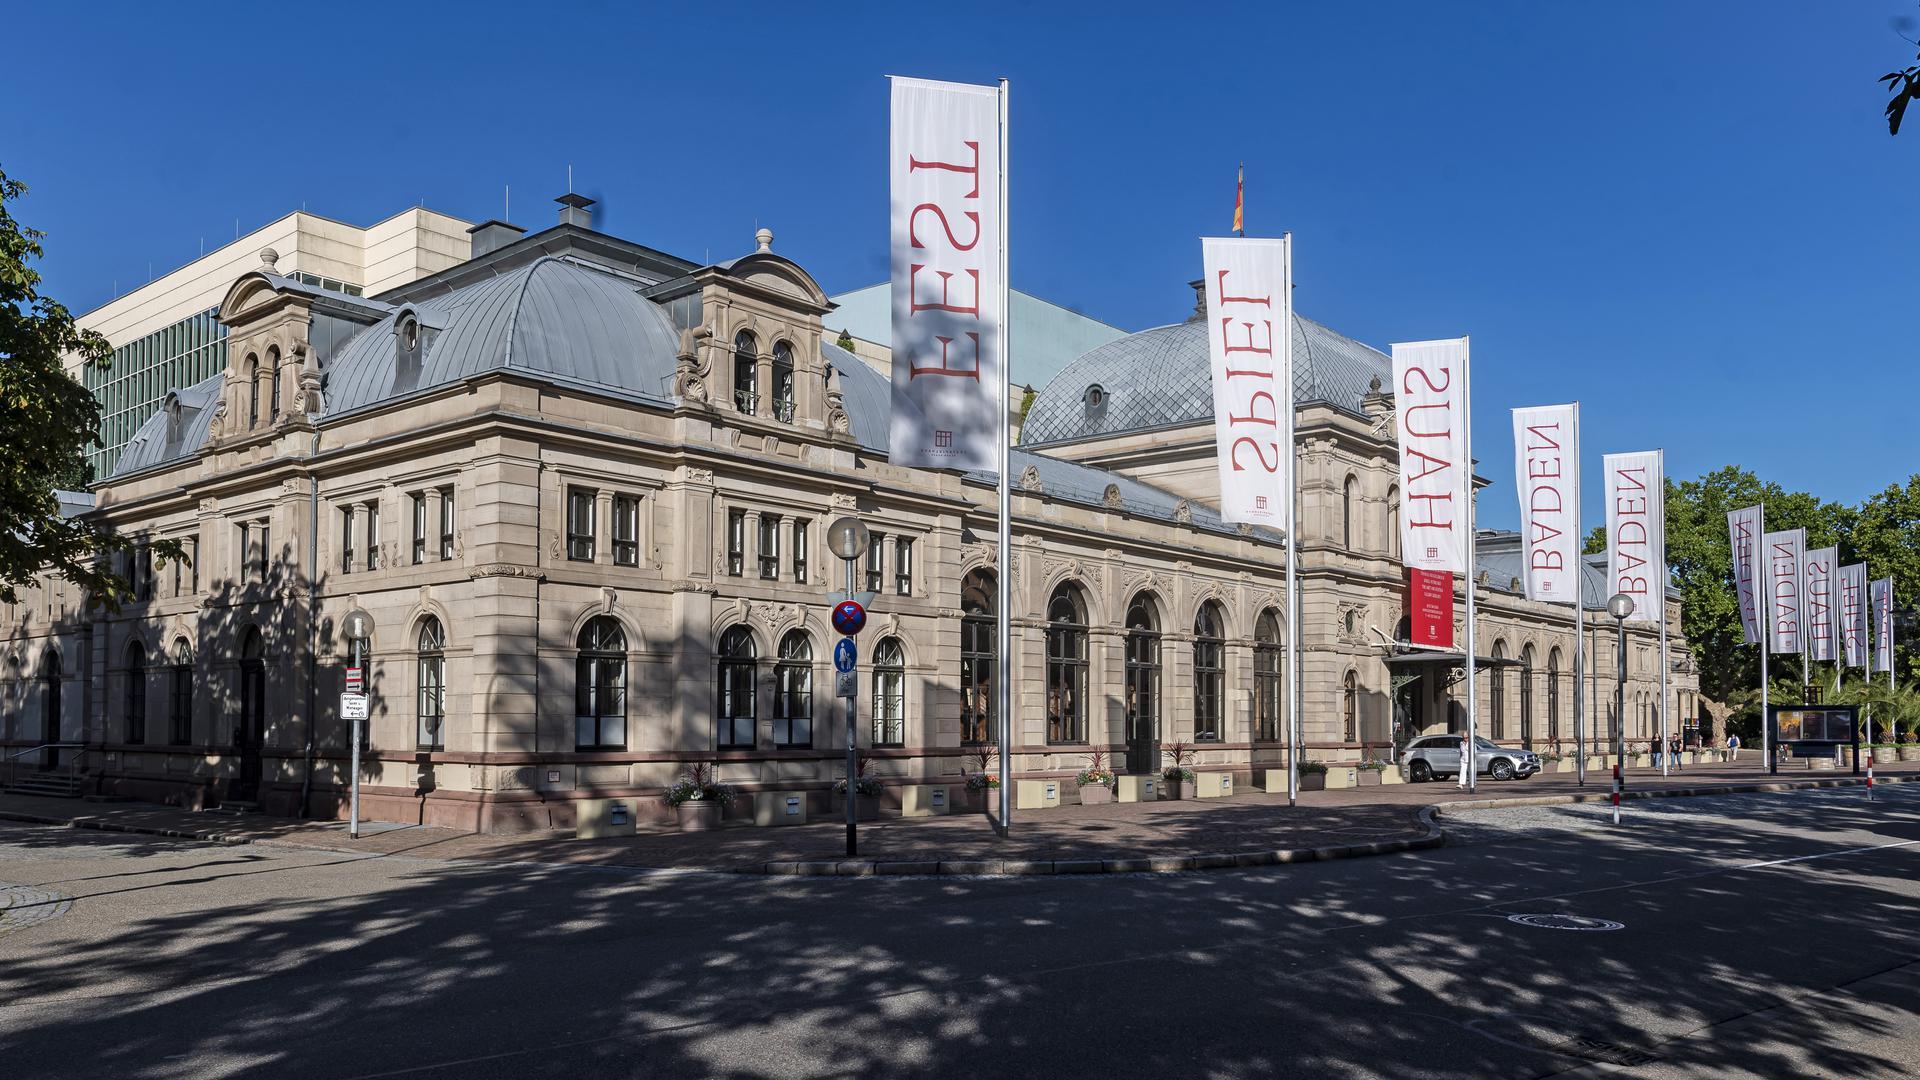 """ARCHIV - 30.07.2020, Baden-Württemberg, Baden-Baden: Aussenaufnahme des Festspielhaus Baden-Baden. (zu dpa: """"Geldregen für Festspielhaus Baden-Baden von Gästen und Förderern"""") Foto: Uli Deck/dpa +++ dpa-Bildfunk +++"""